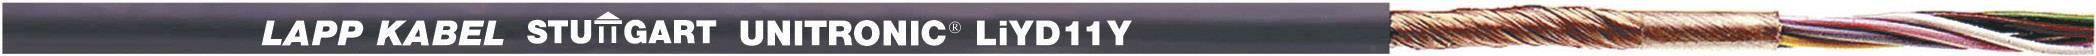 Dátový kábel LappKabel 0033306 UNITRONIC® LiYD11Y, 6 x 0.25 mm², čierna, metrový tovar